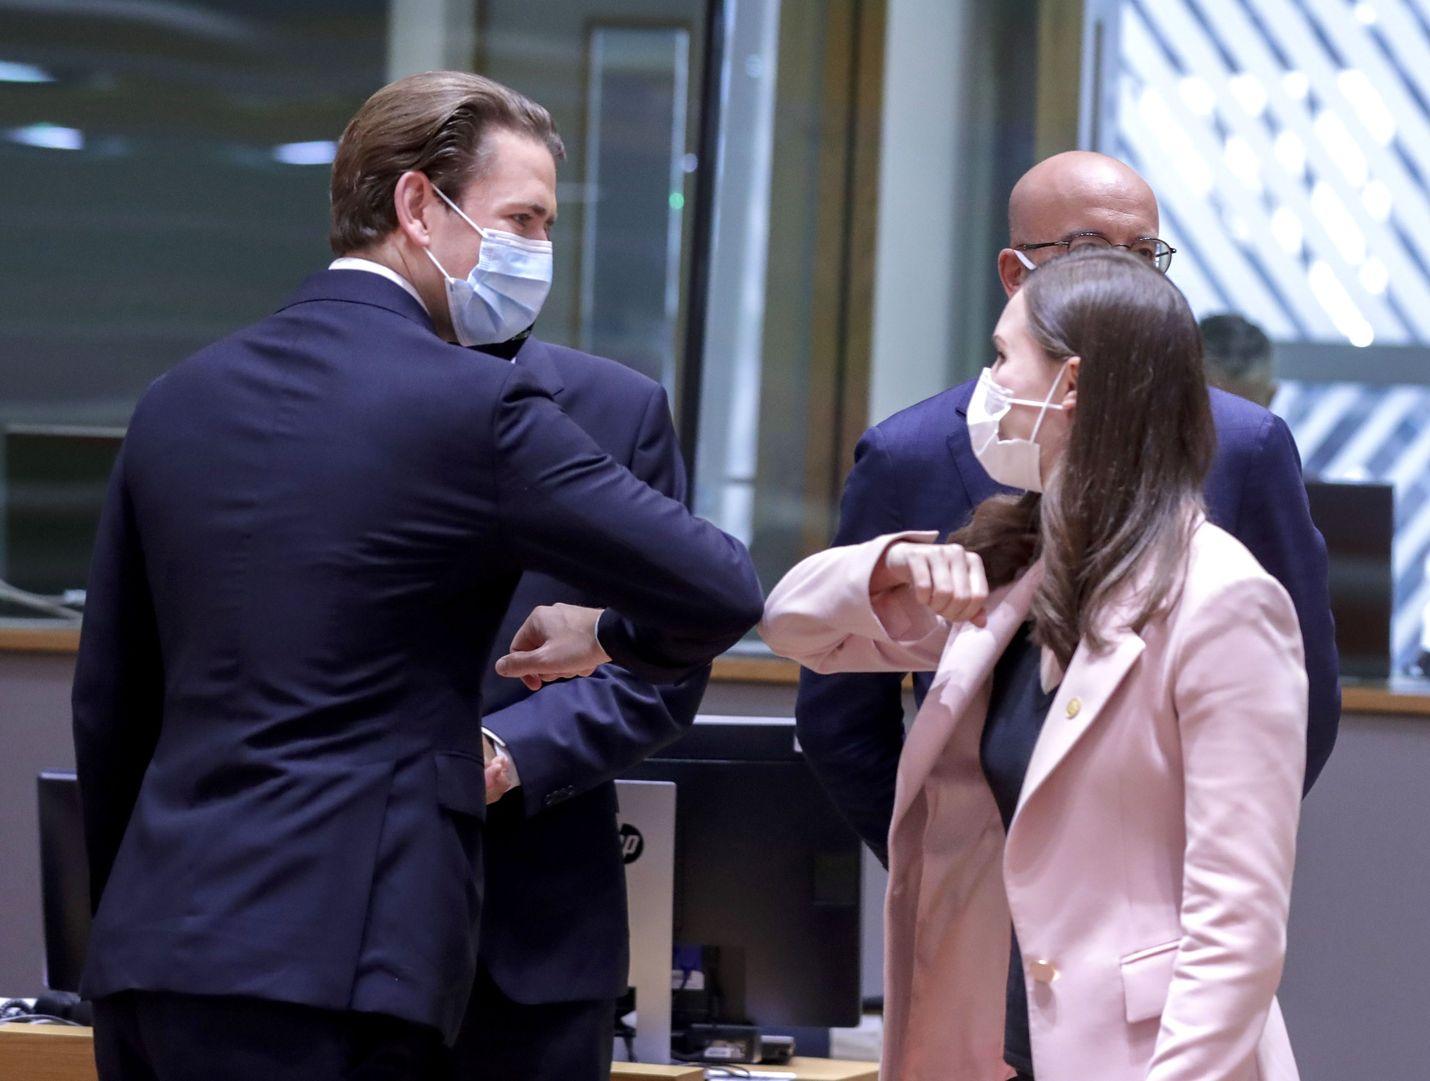 Euroopan unionin tilaisuuksissa kyynärpäätervehdys on tullut kättelyn tilalle. Tervehtimässä Itävallan liittokansleri Sebastian Kurz ja Suomen pääministeri Sanna Marin.